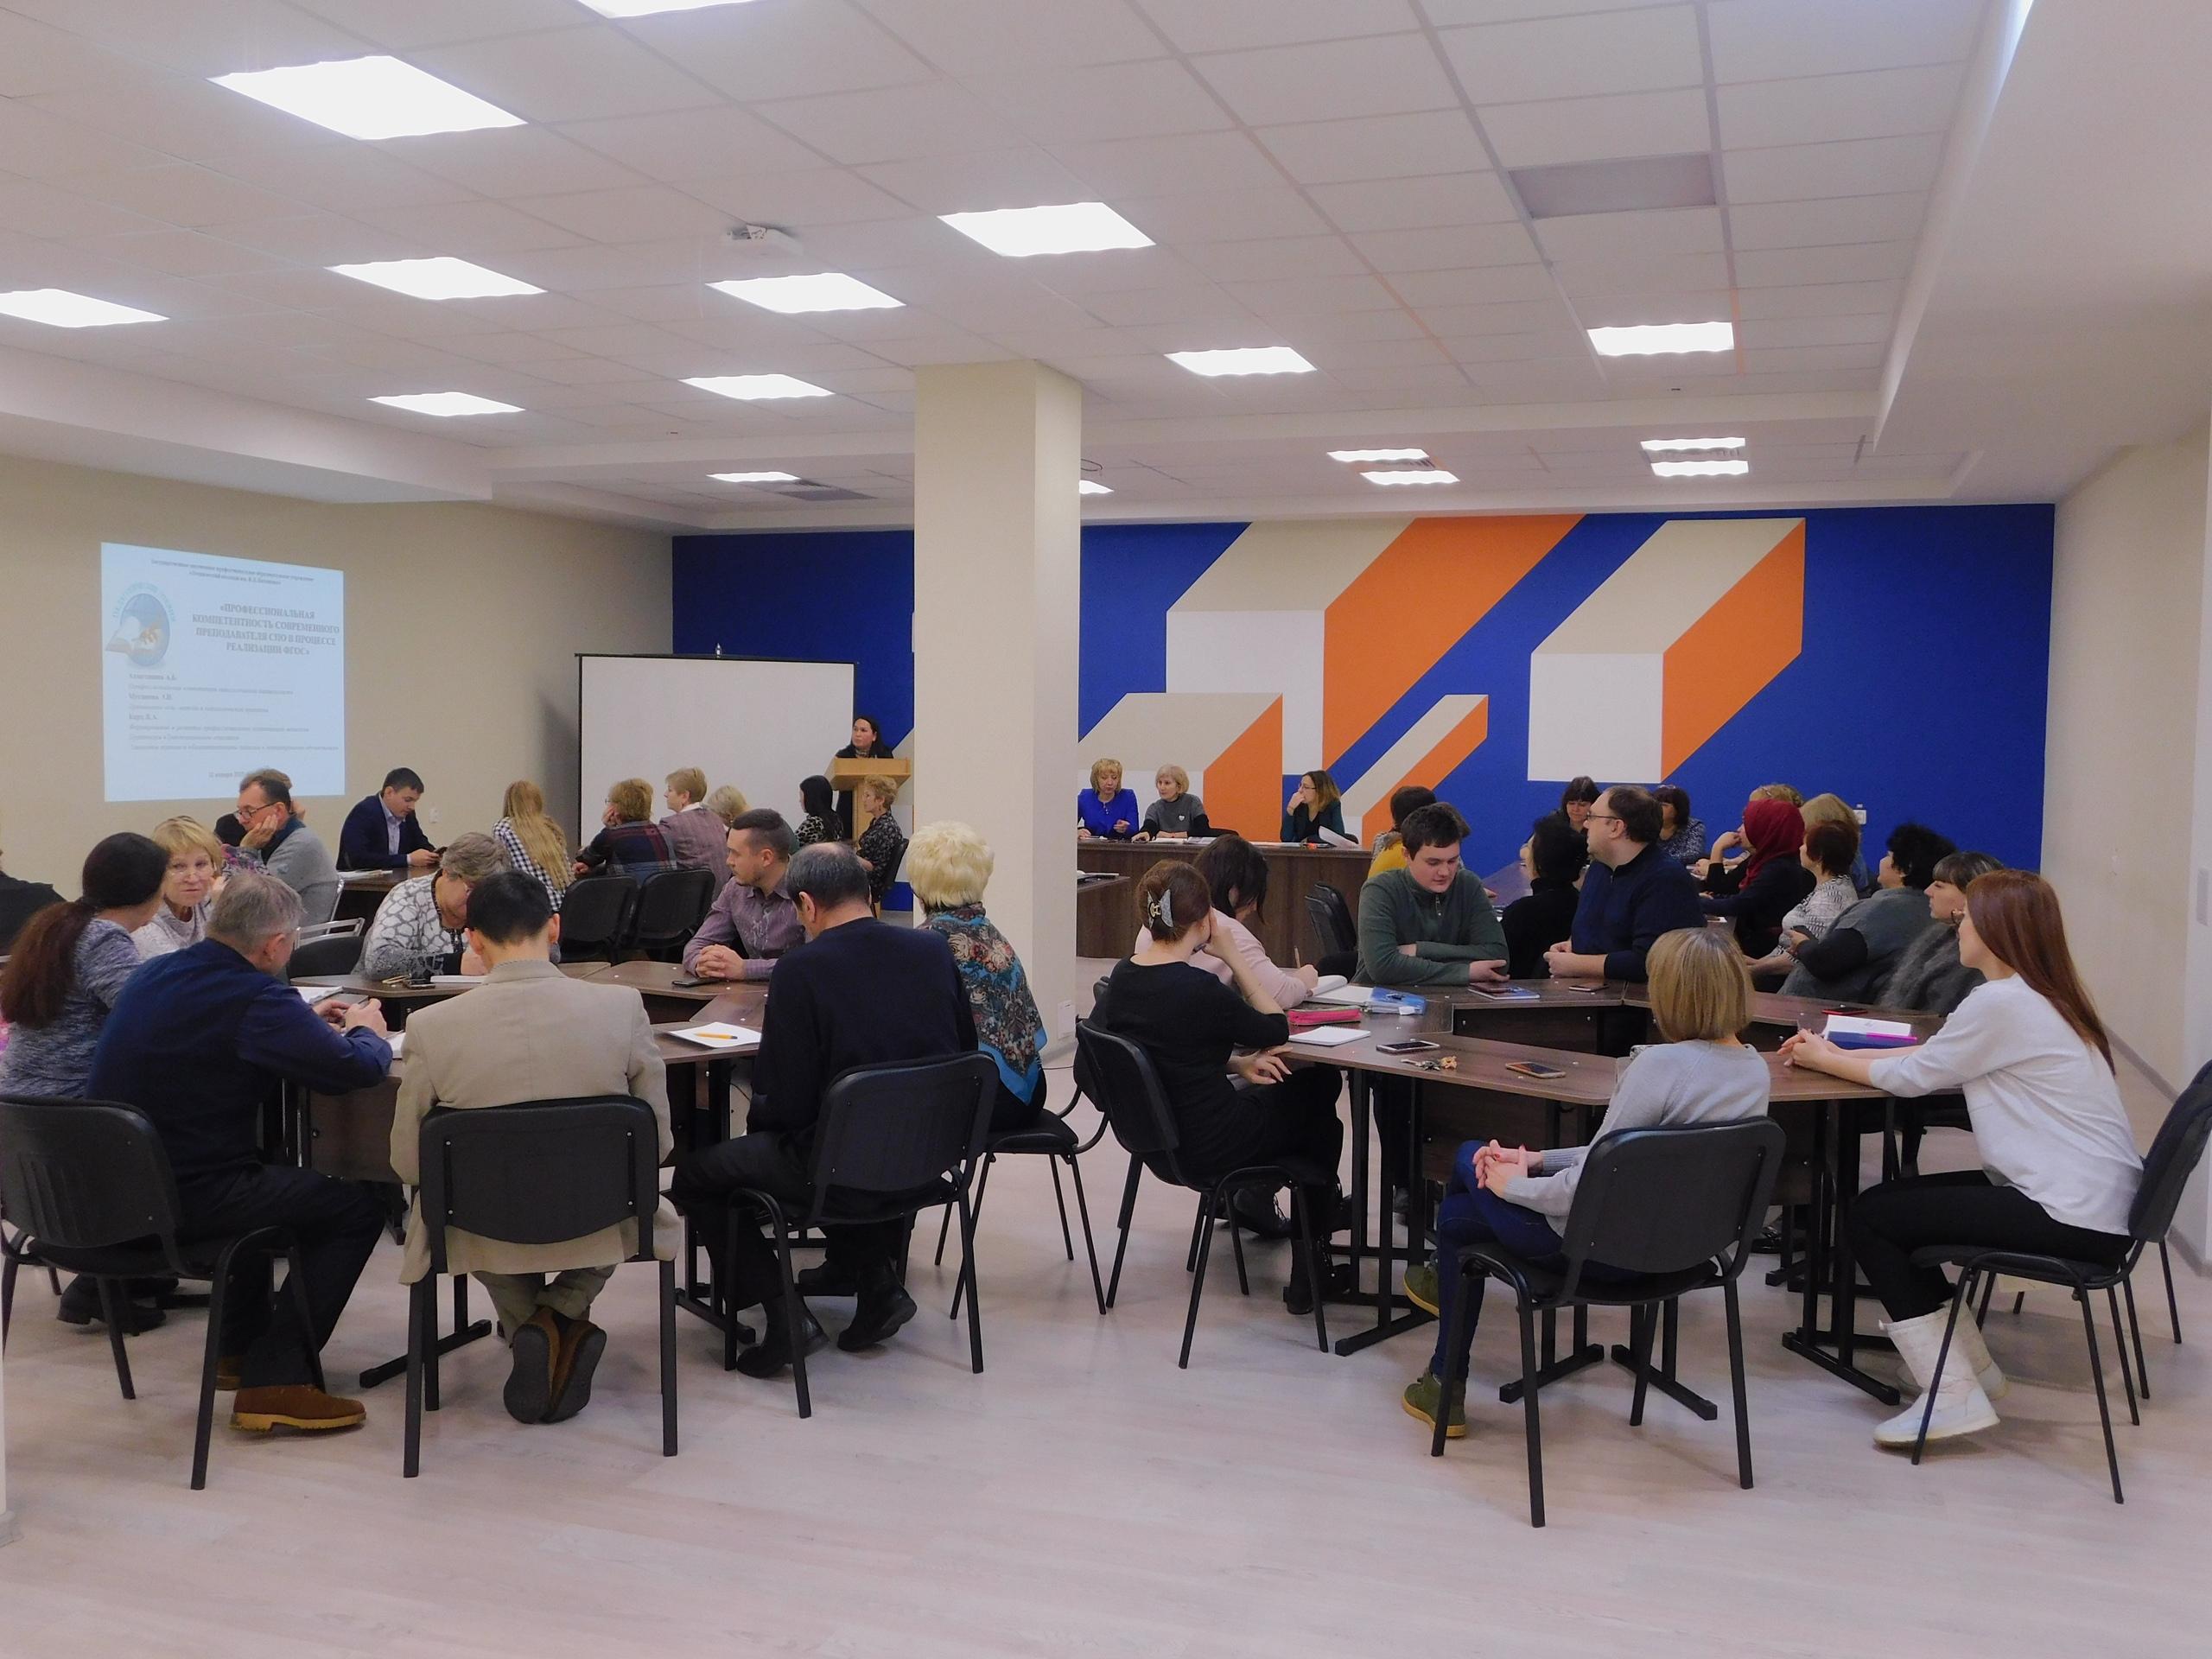 Педагогические чтения на тему «Профессиональная компетентность современного преподавателя СПО в процессе реализации ФГОС»